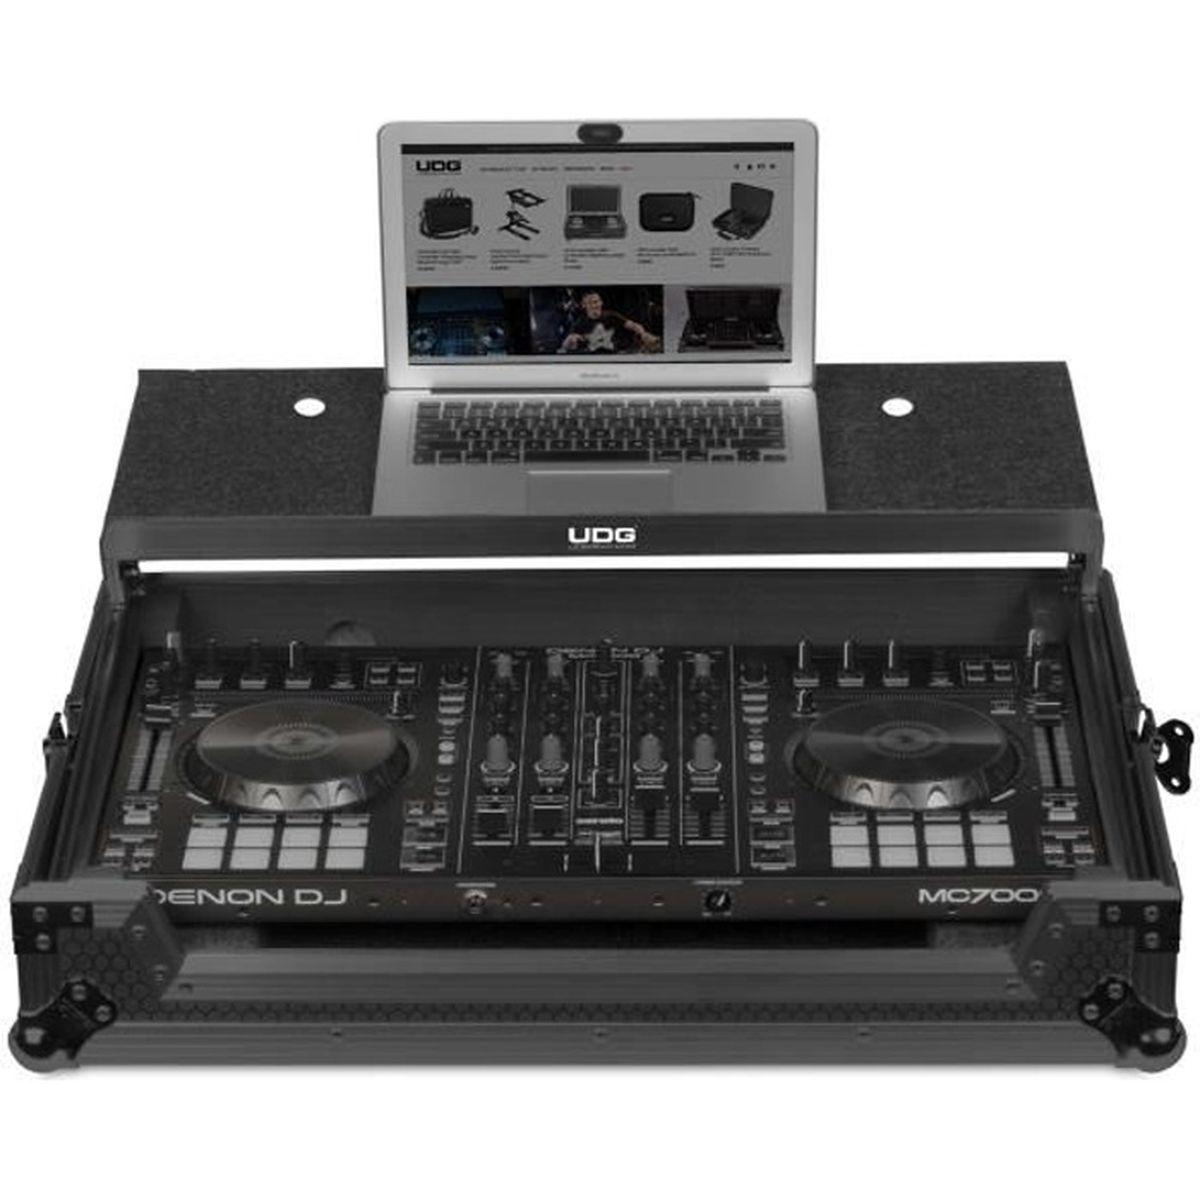 RACK UDG - U 91038 BL2 - Flight case Denon DJ MC7000 MK